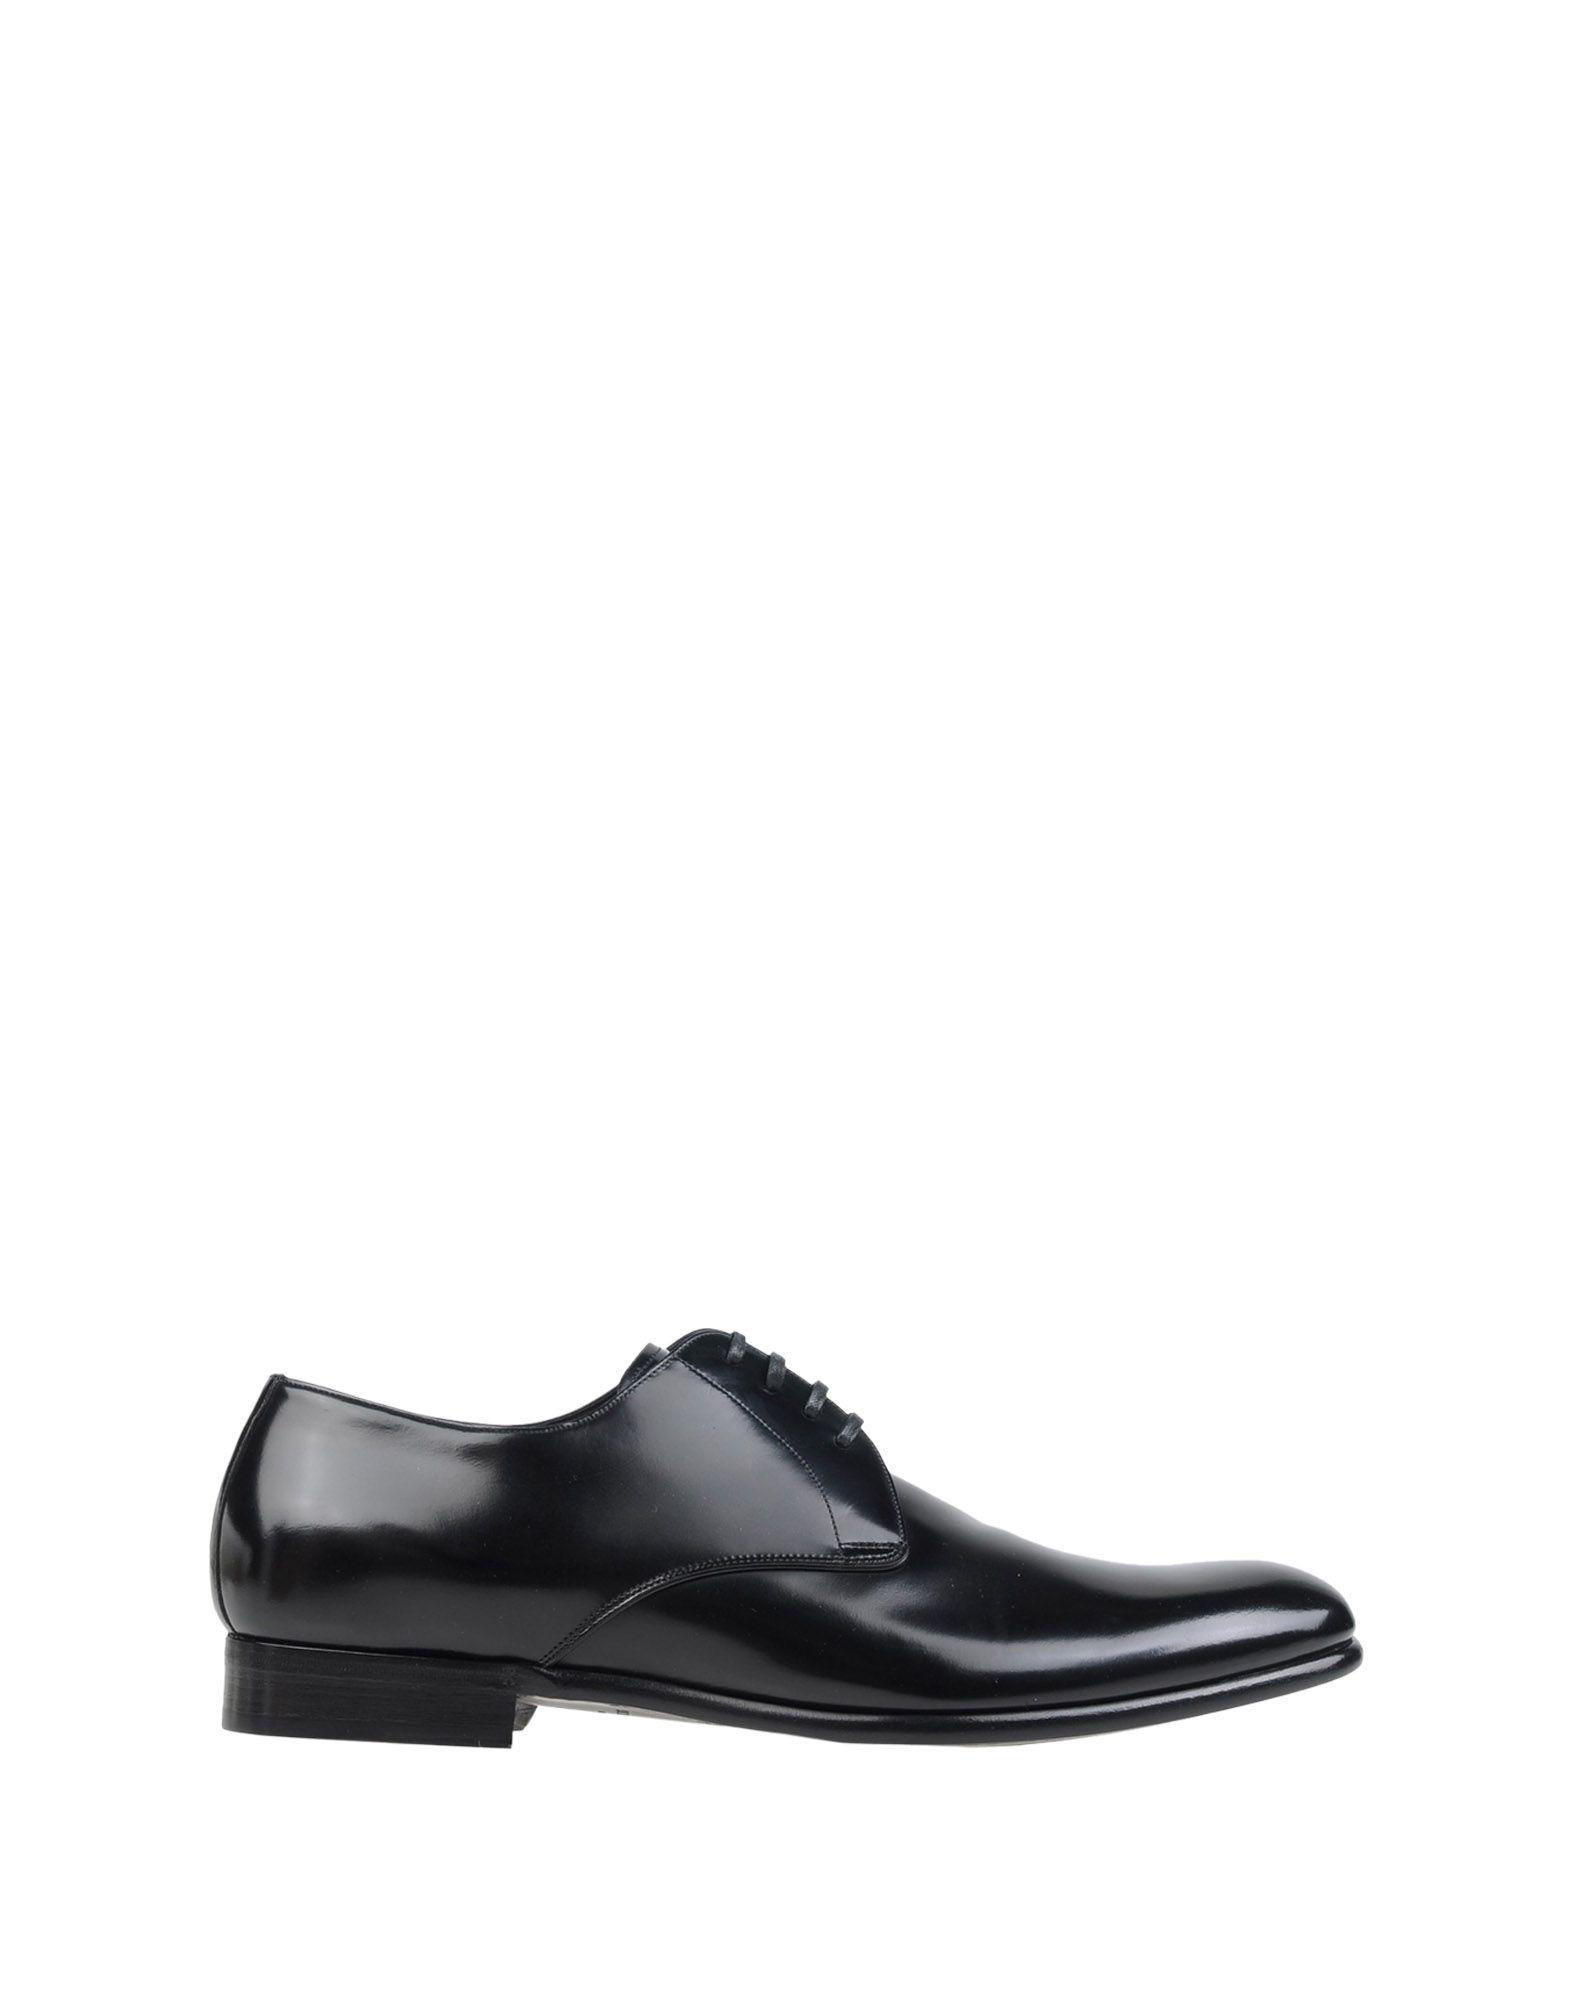 Dolce & Gabbana Schnürschuhe Herren  44858312ON Gute Qualität beliebte Schuhe